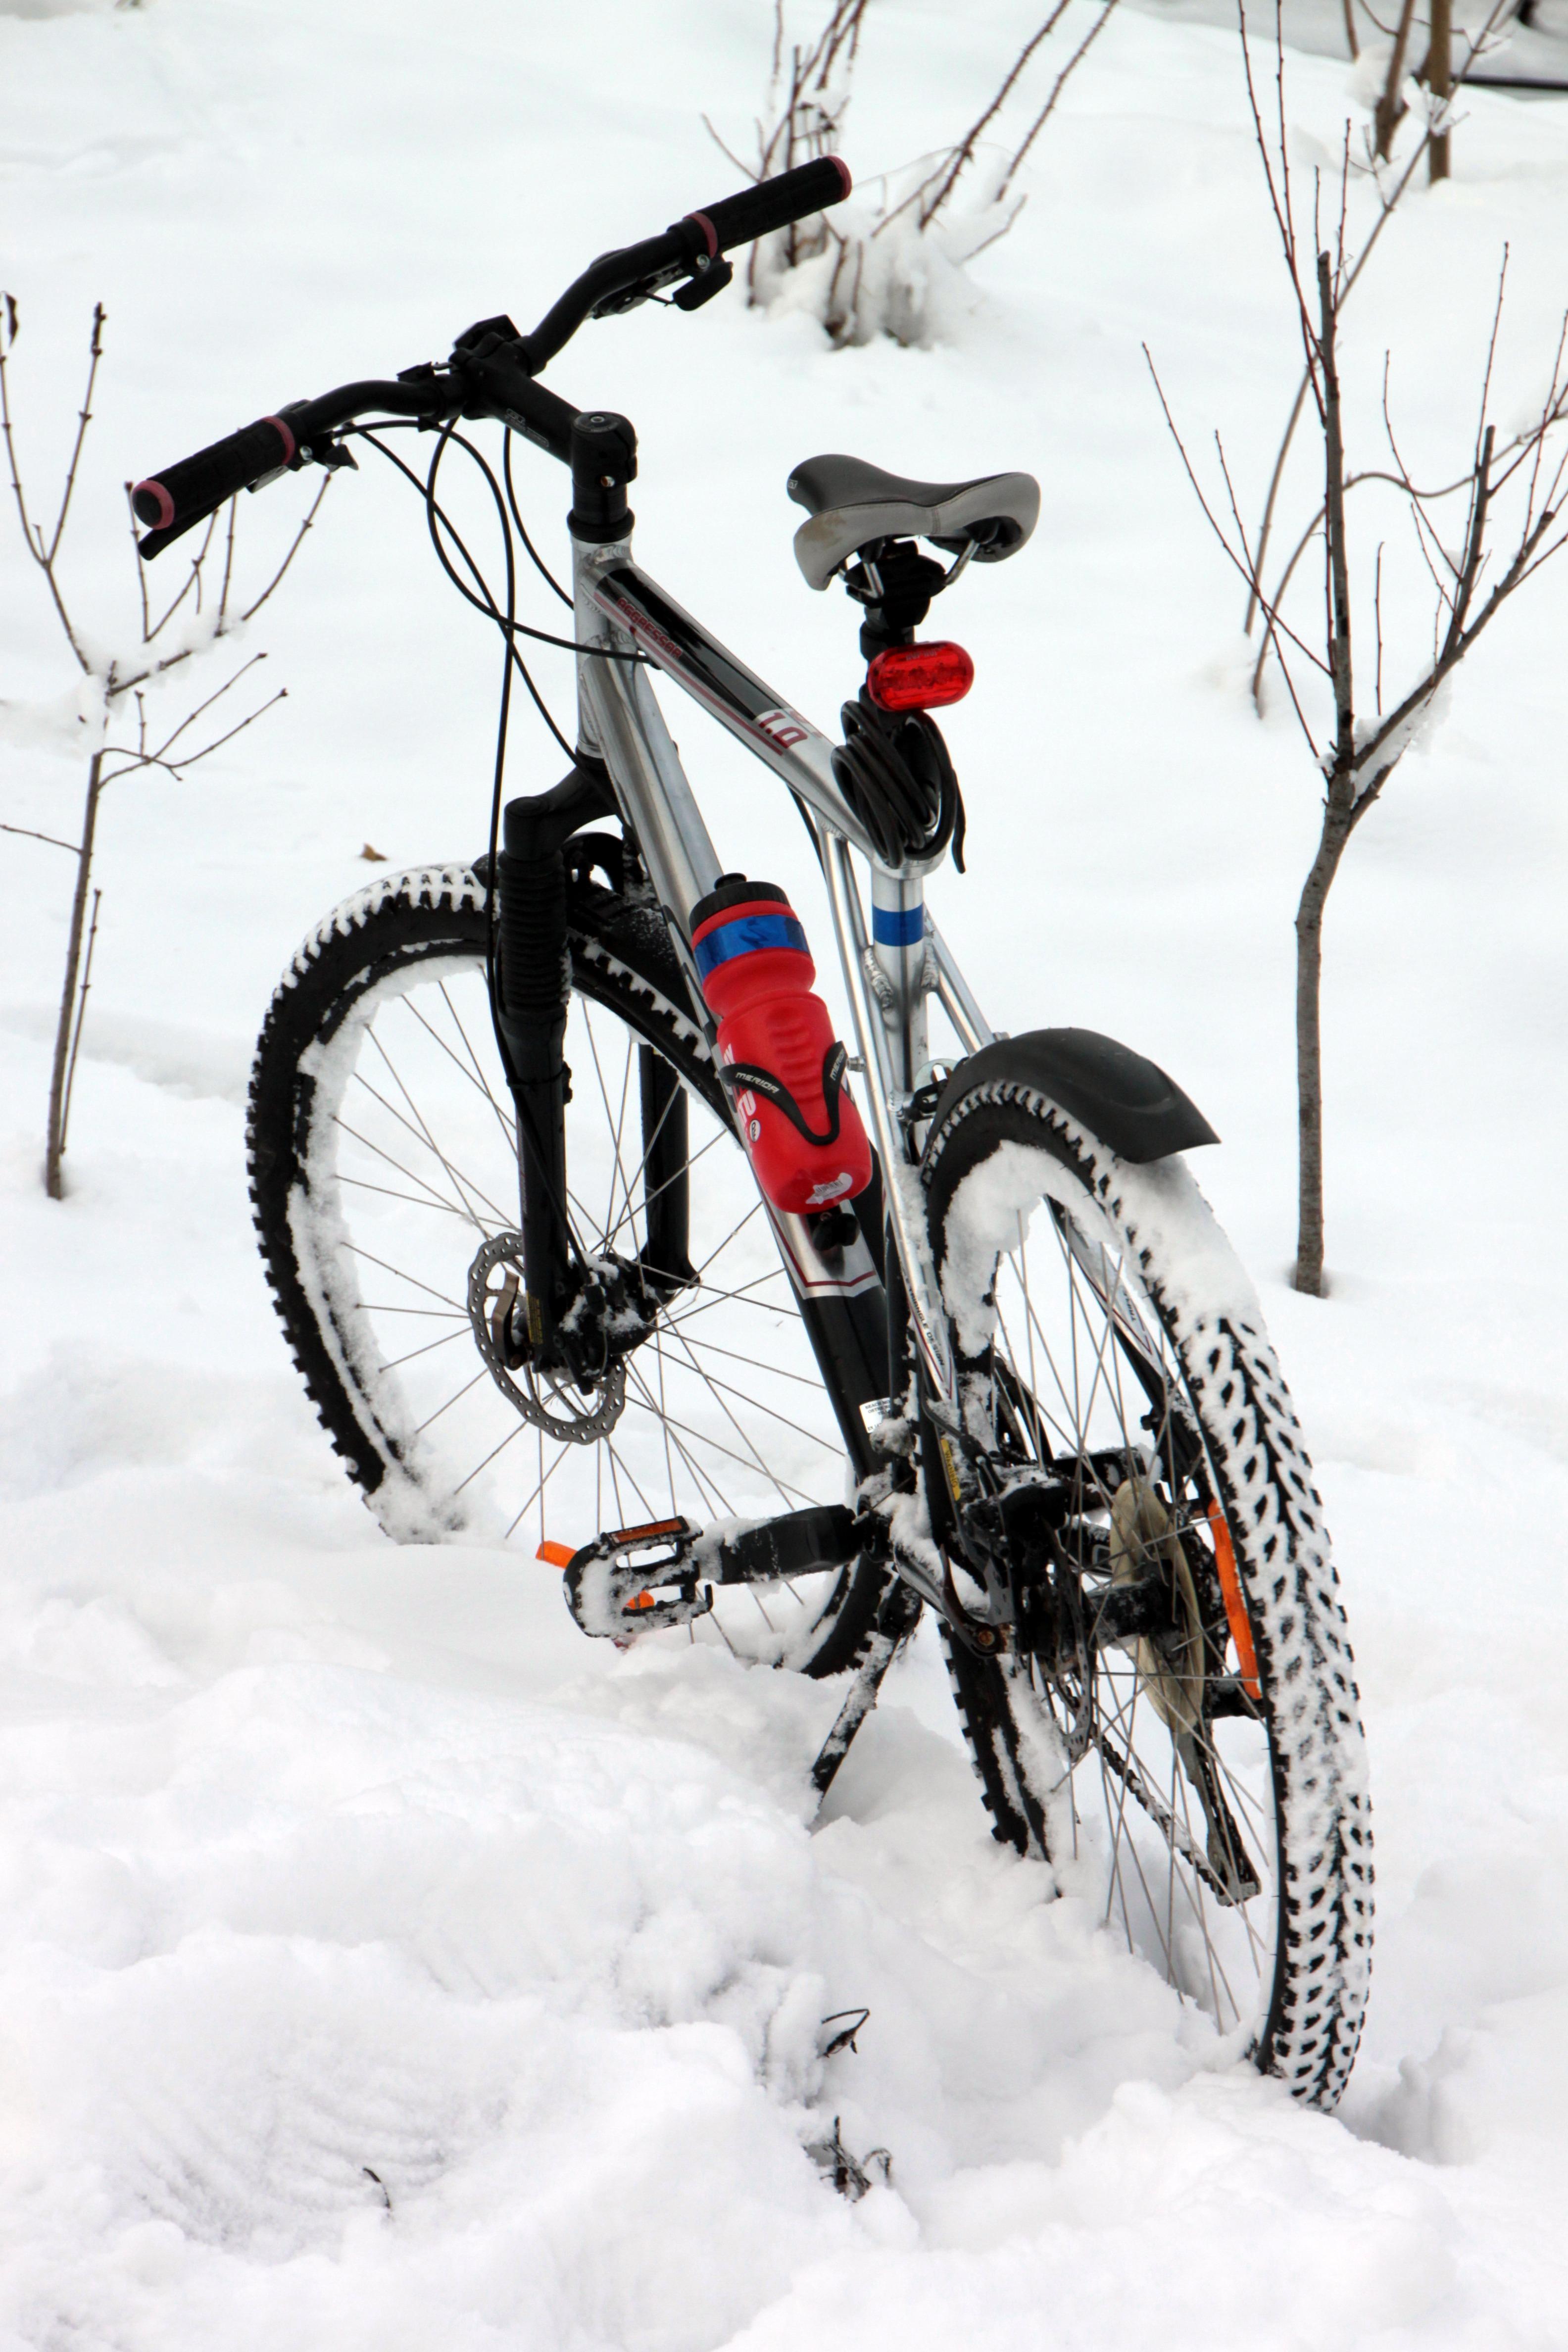 gratis afbeeldingen berg sneeuw koude winter voertuig weer sportuitrusting mountain. Black Bedroom Furniture Sets. Home Design Ideas